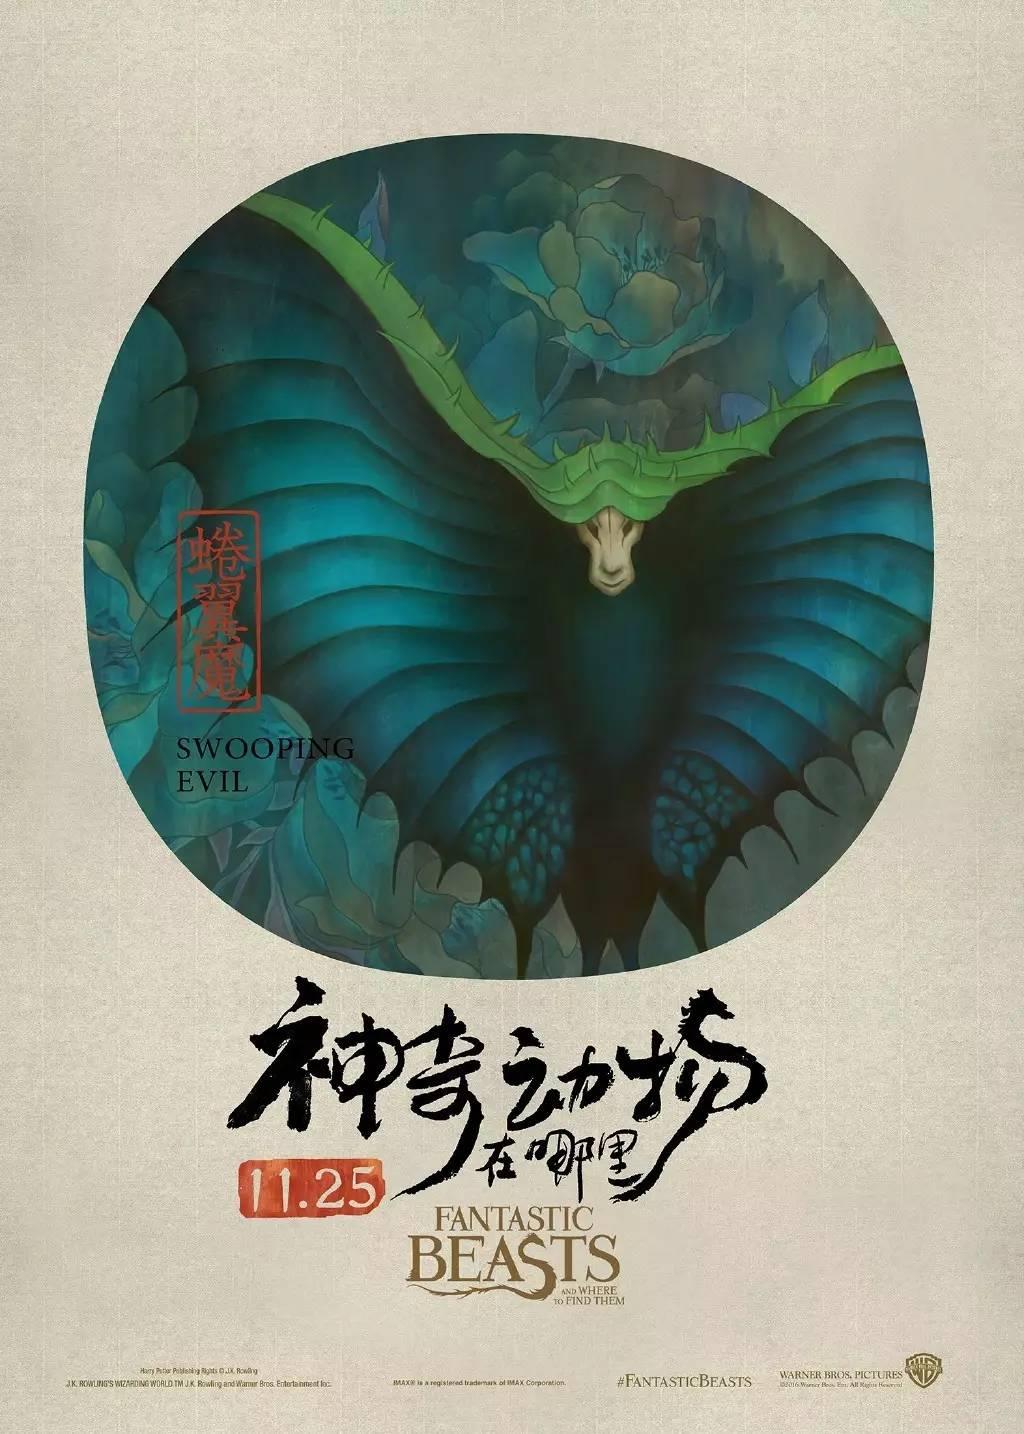 如果有中国版的《神奇动物在哪里》,小雀斑的手提箱里会藏着什么珍禽异兽?